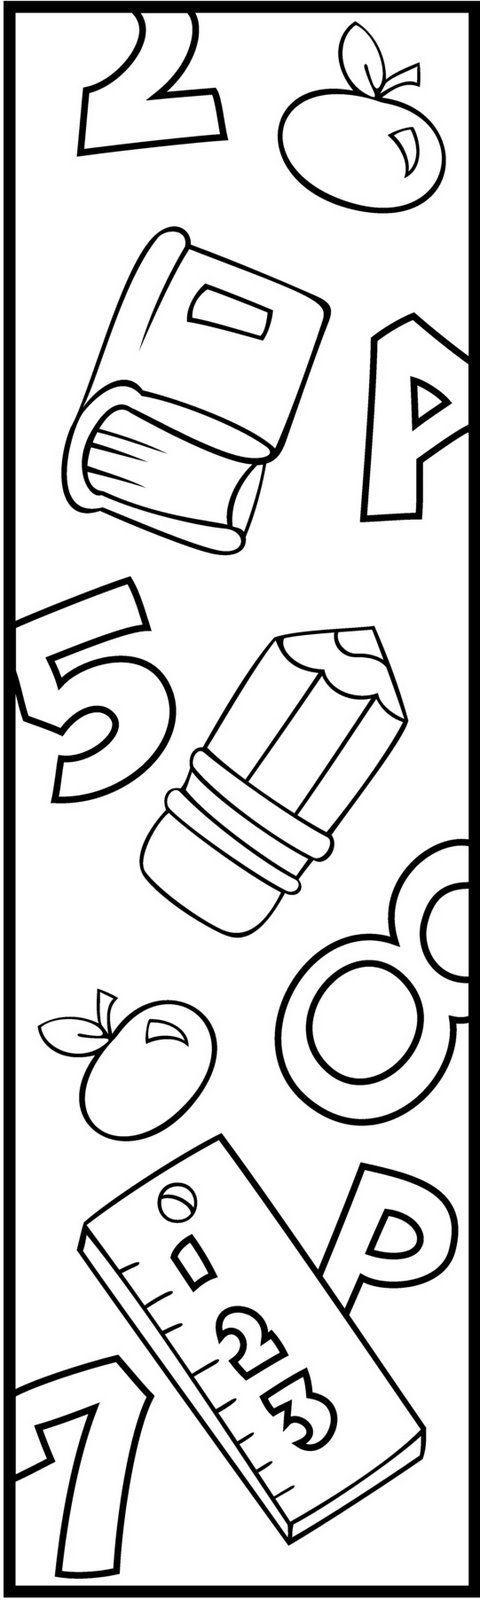 marcapaginas infantiles para imprimir - Buscar con Google | dia do ...